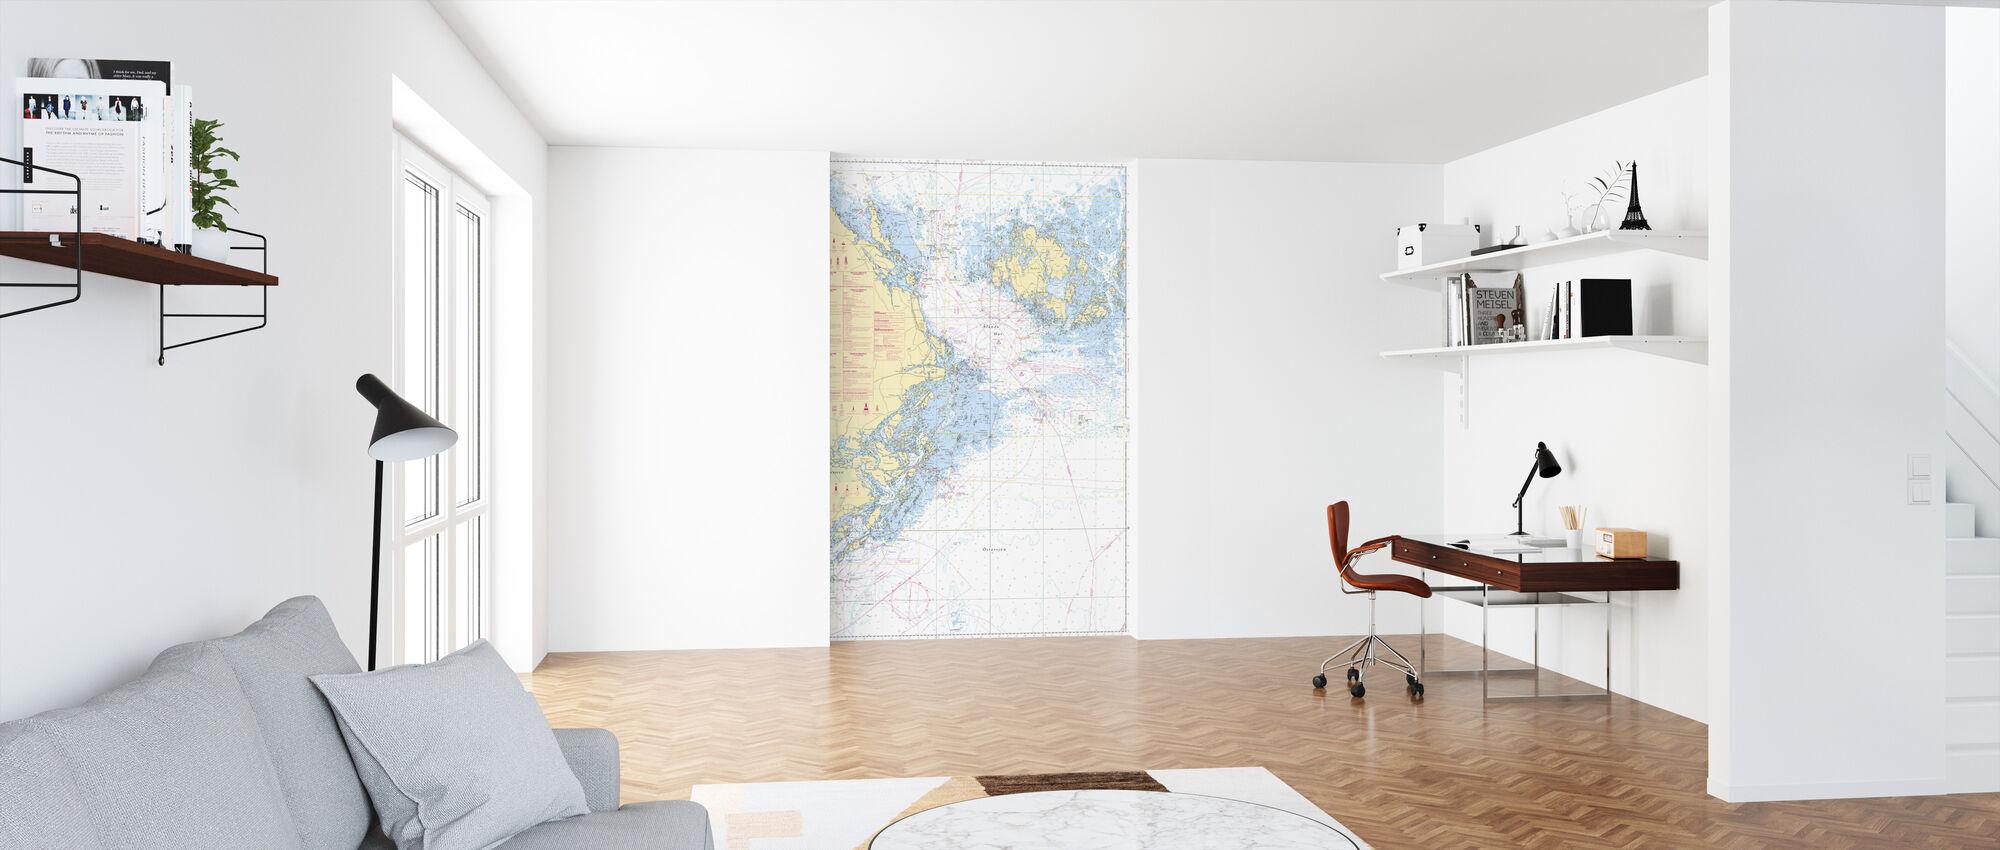 Sea Chart 61 - Landsort - Alands Hav - Wallpaper - Office